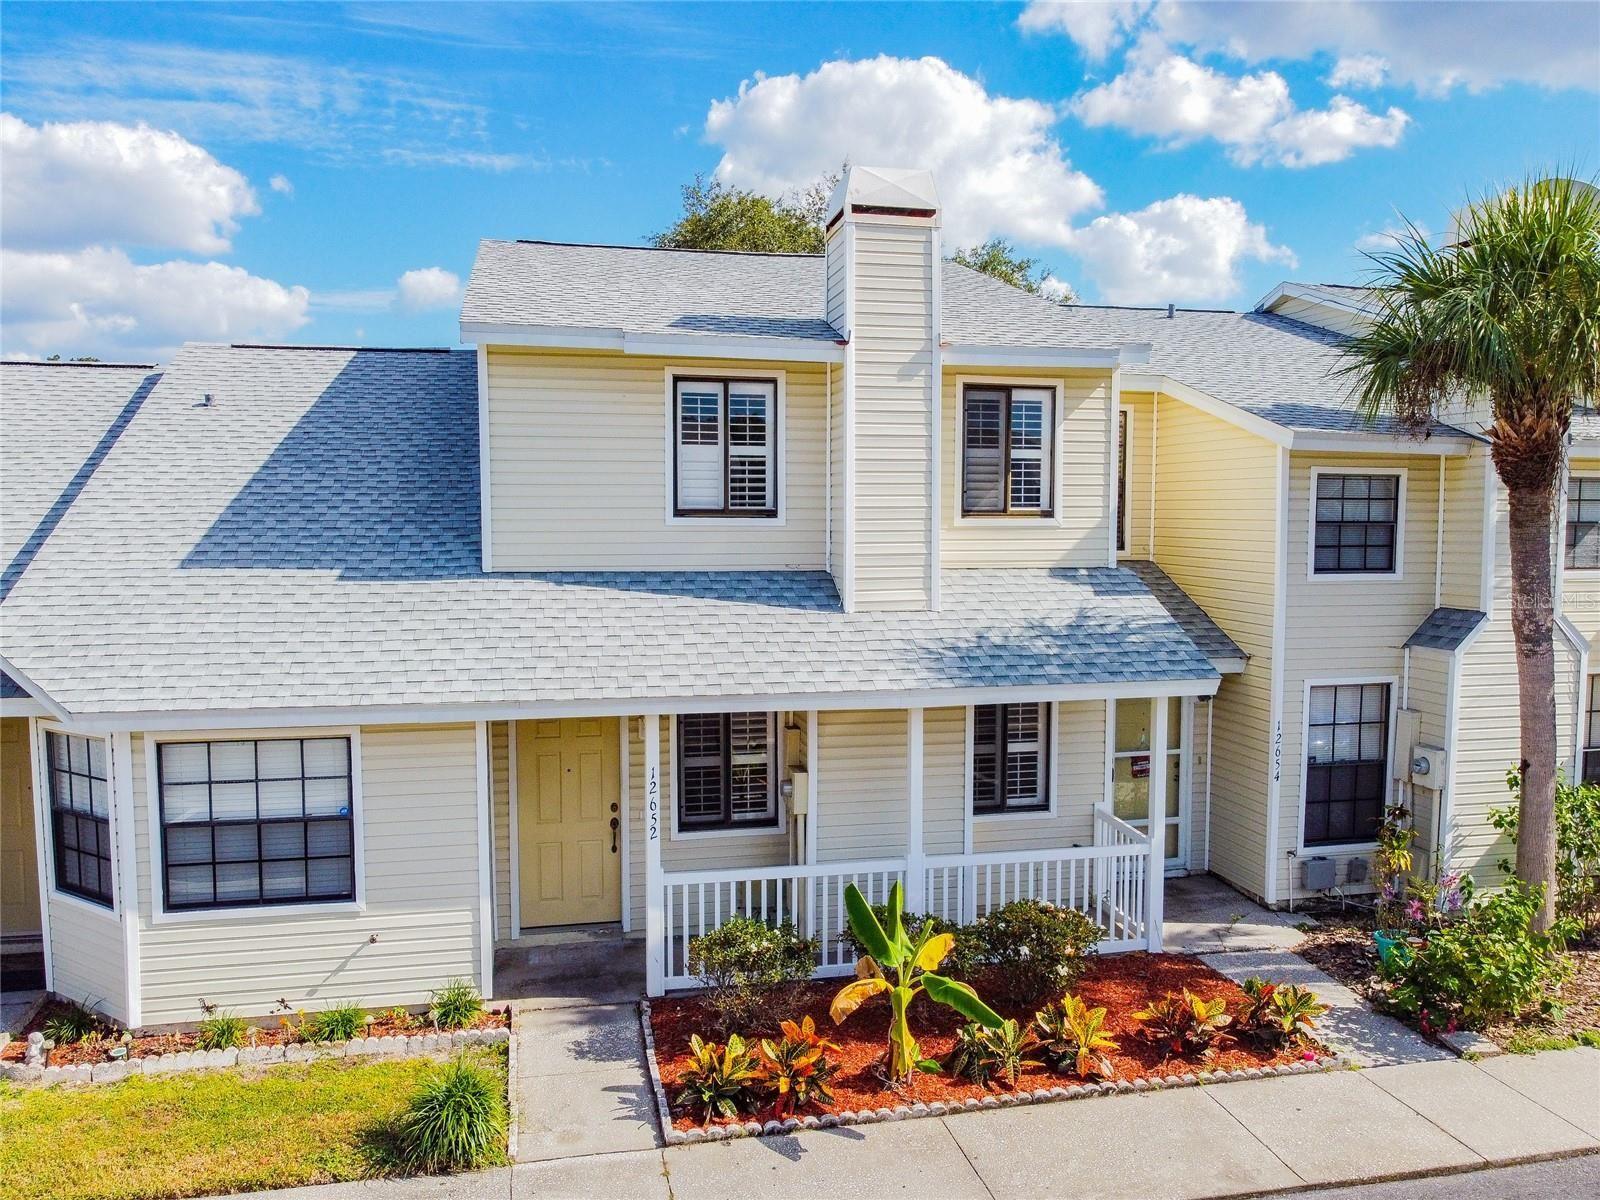 12652 CASTLE HILL DRIVE, Tampa, FL 33624 - MLS#: T3336915